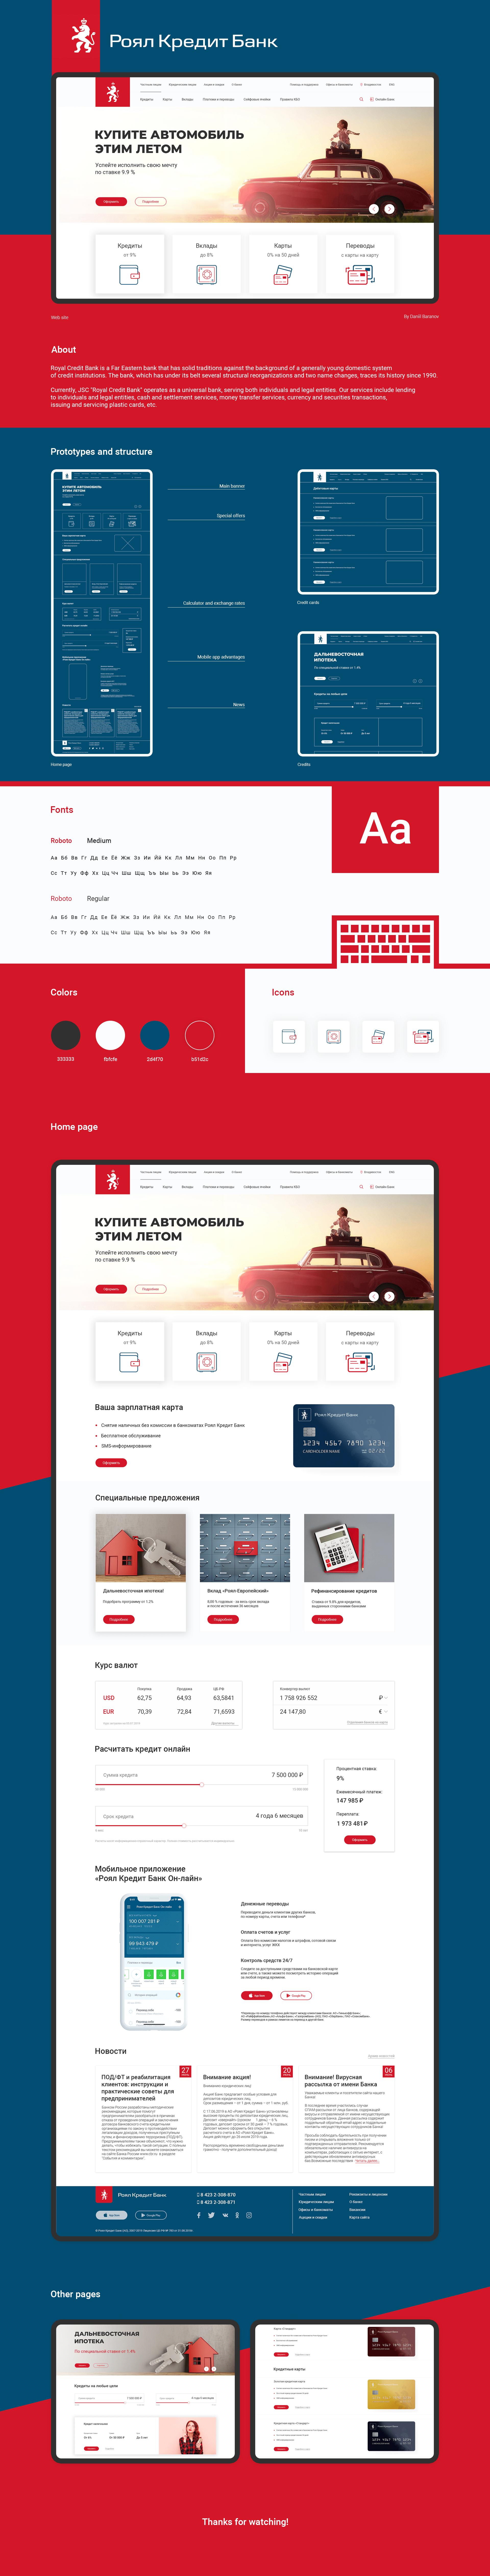 Website for Royal Credit Bank